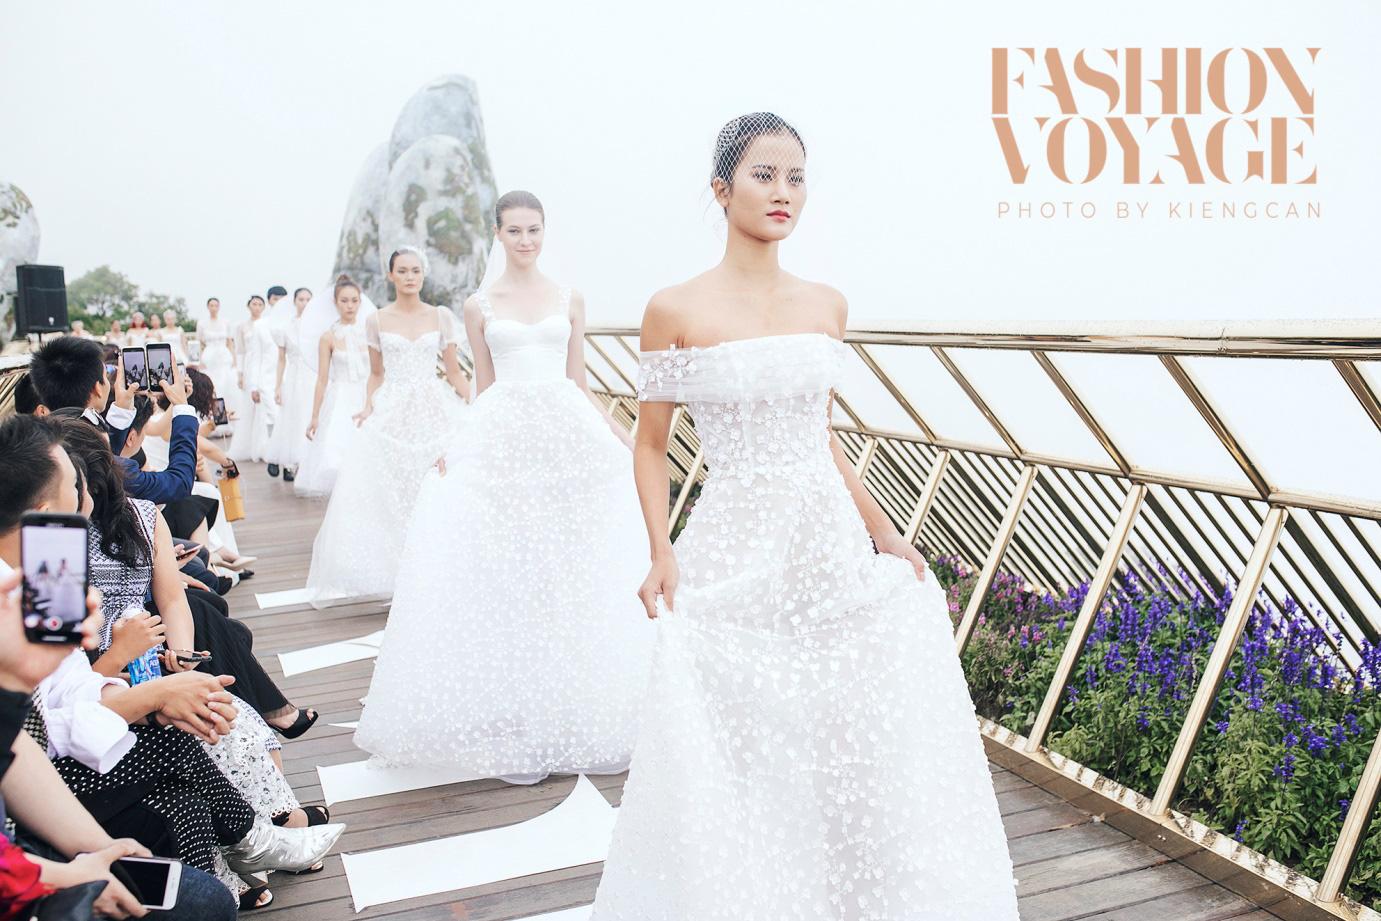 The Fashion Voyage: Hành trình chạm đến trái tim - Ảnh 2.